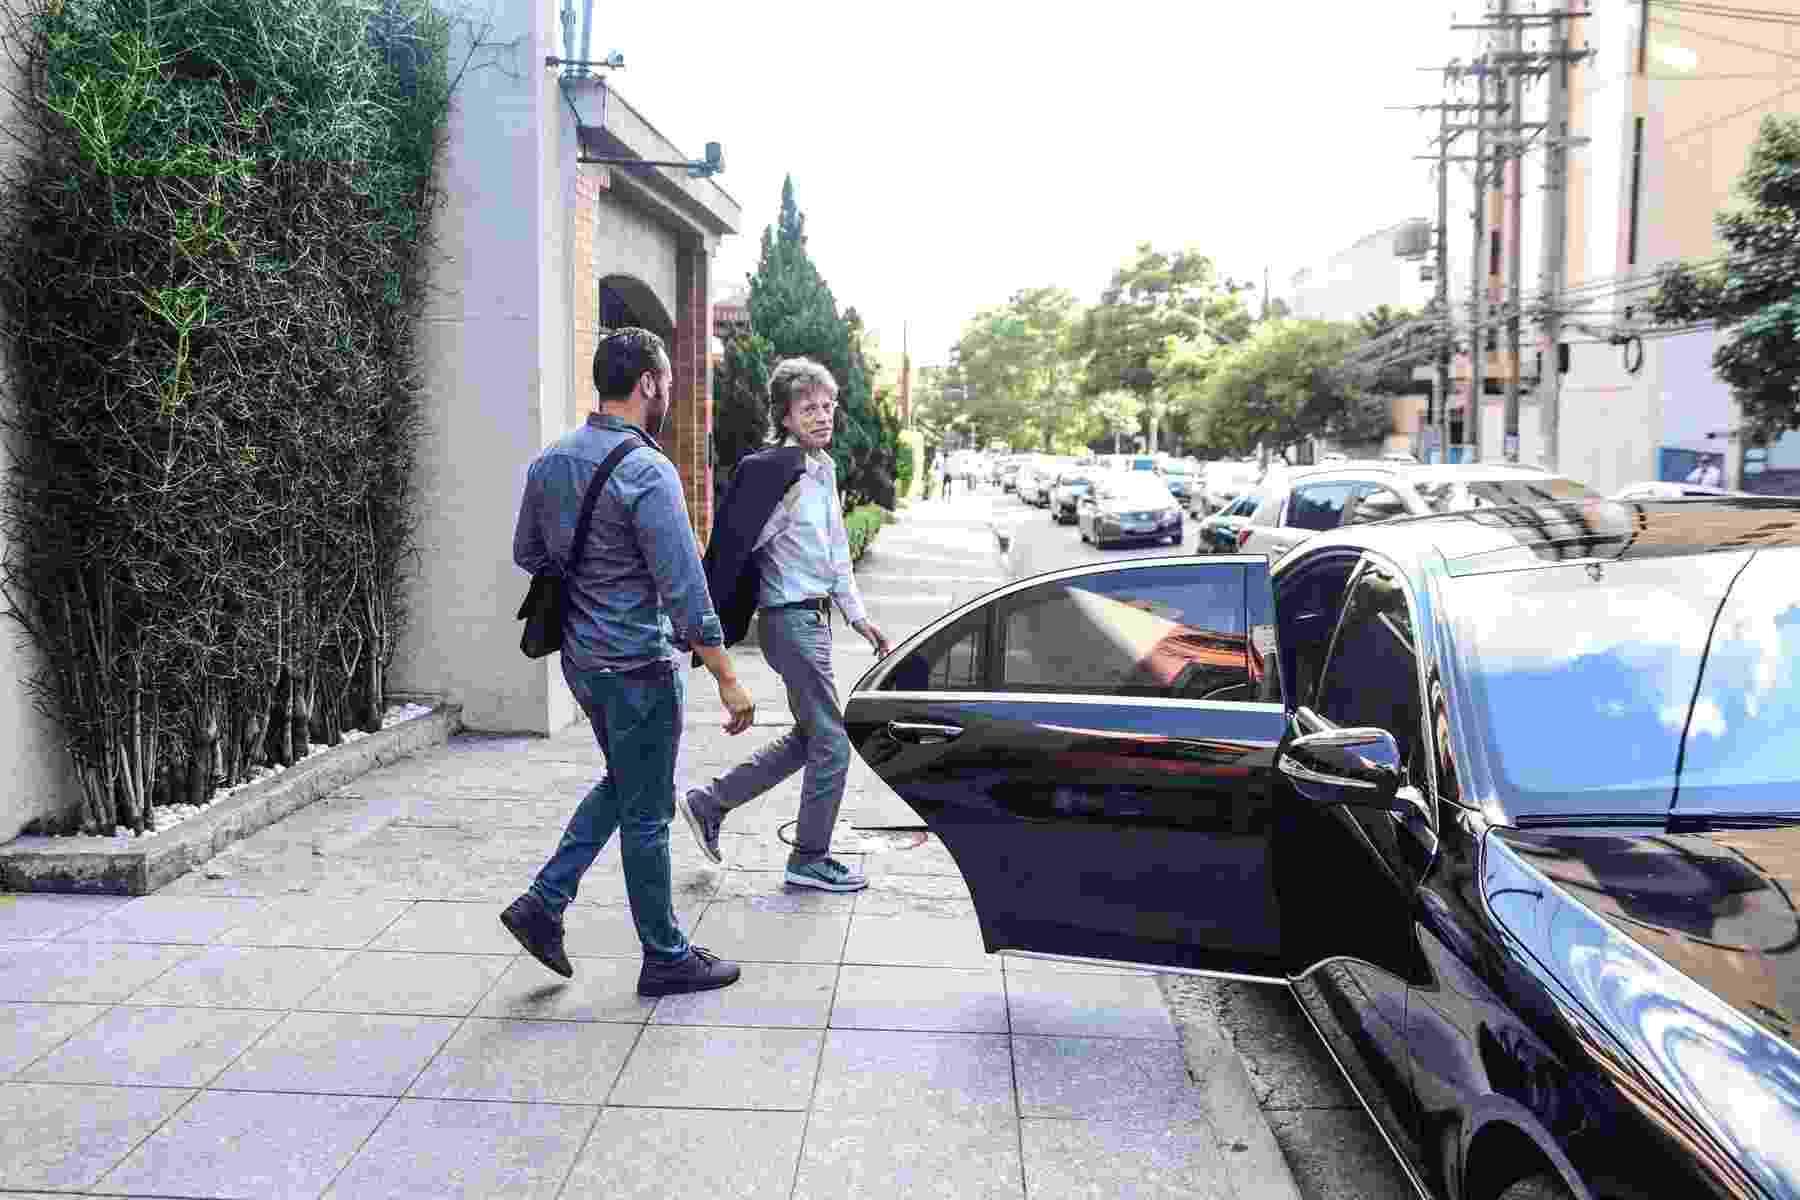 25.fev.2016 - Um dia após o primeiro show dos Rolling Stones em São Paulo, Mick Jagger é flagrado deixando um restaurante português no bairro dos Jardins - Léo Franco/AgNews